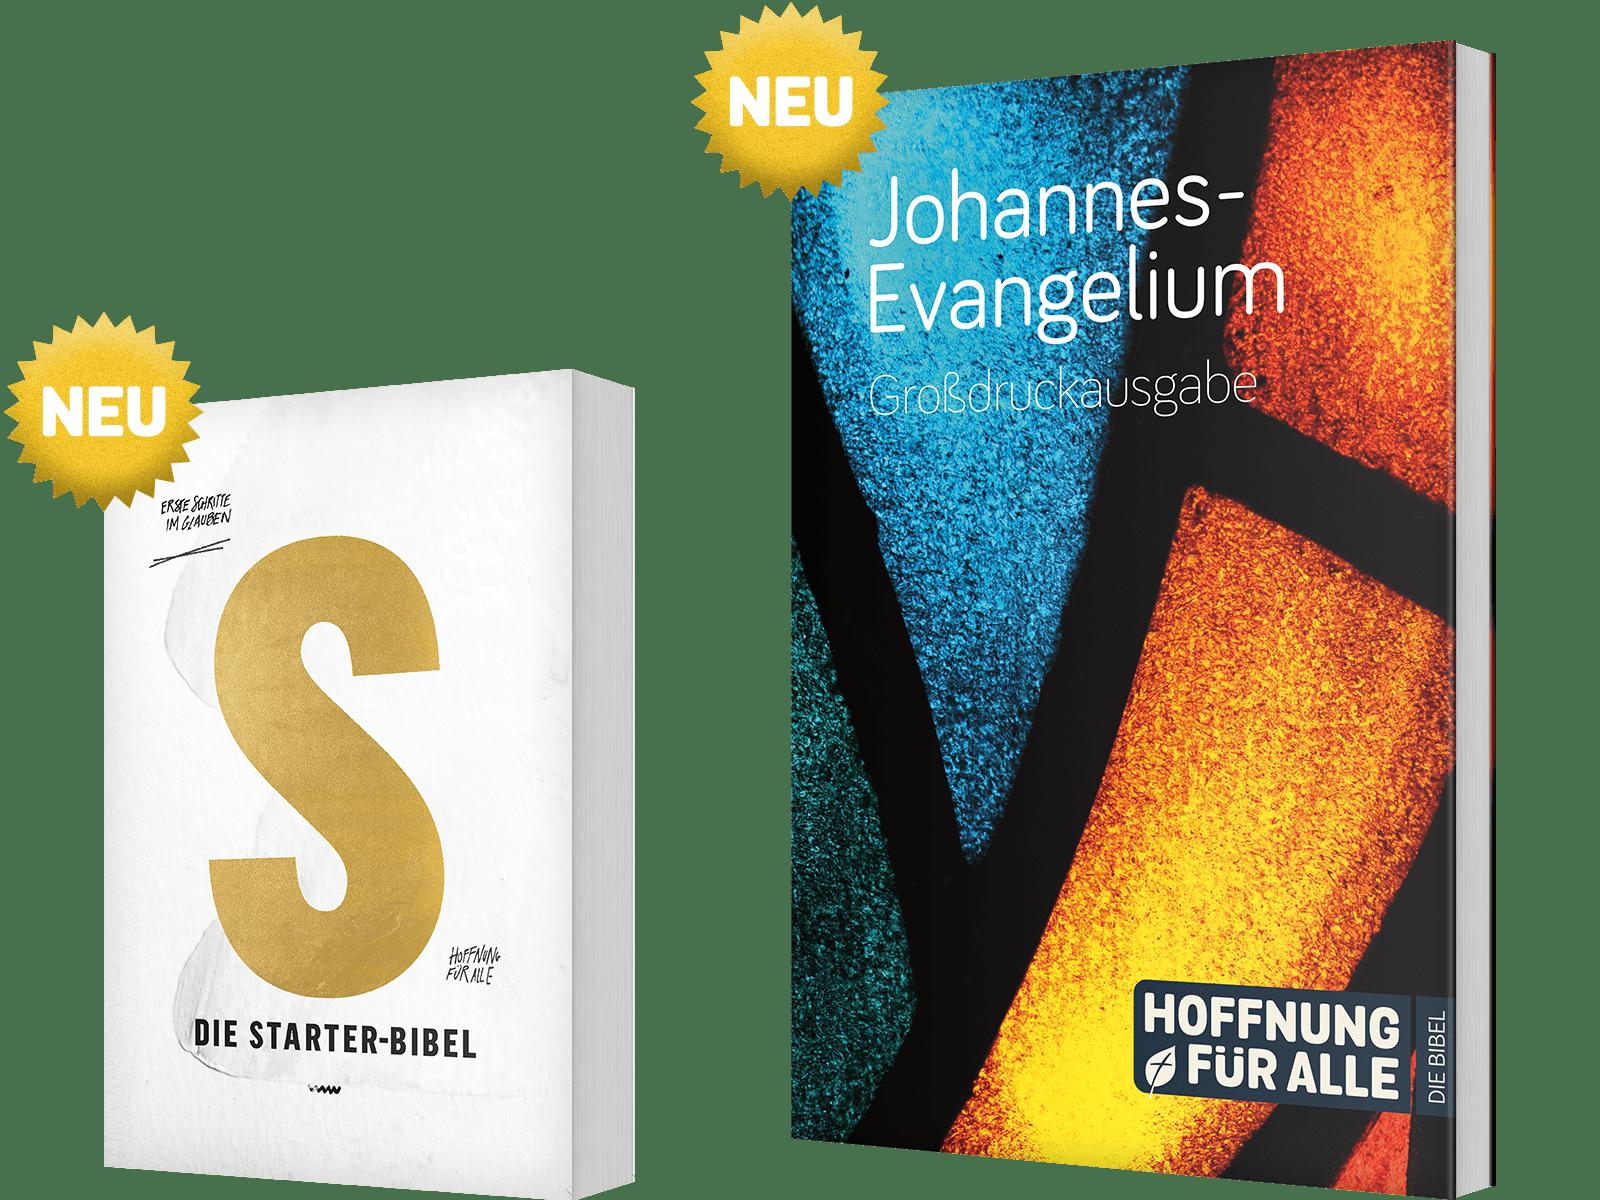 Die Starter-Bibel / Johannes-Evangelium-Großdruckausgabe